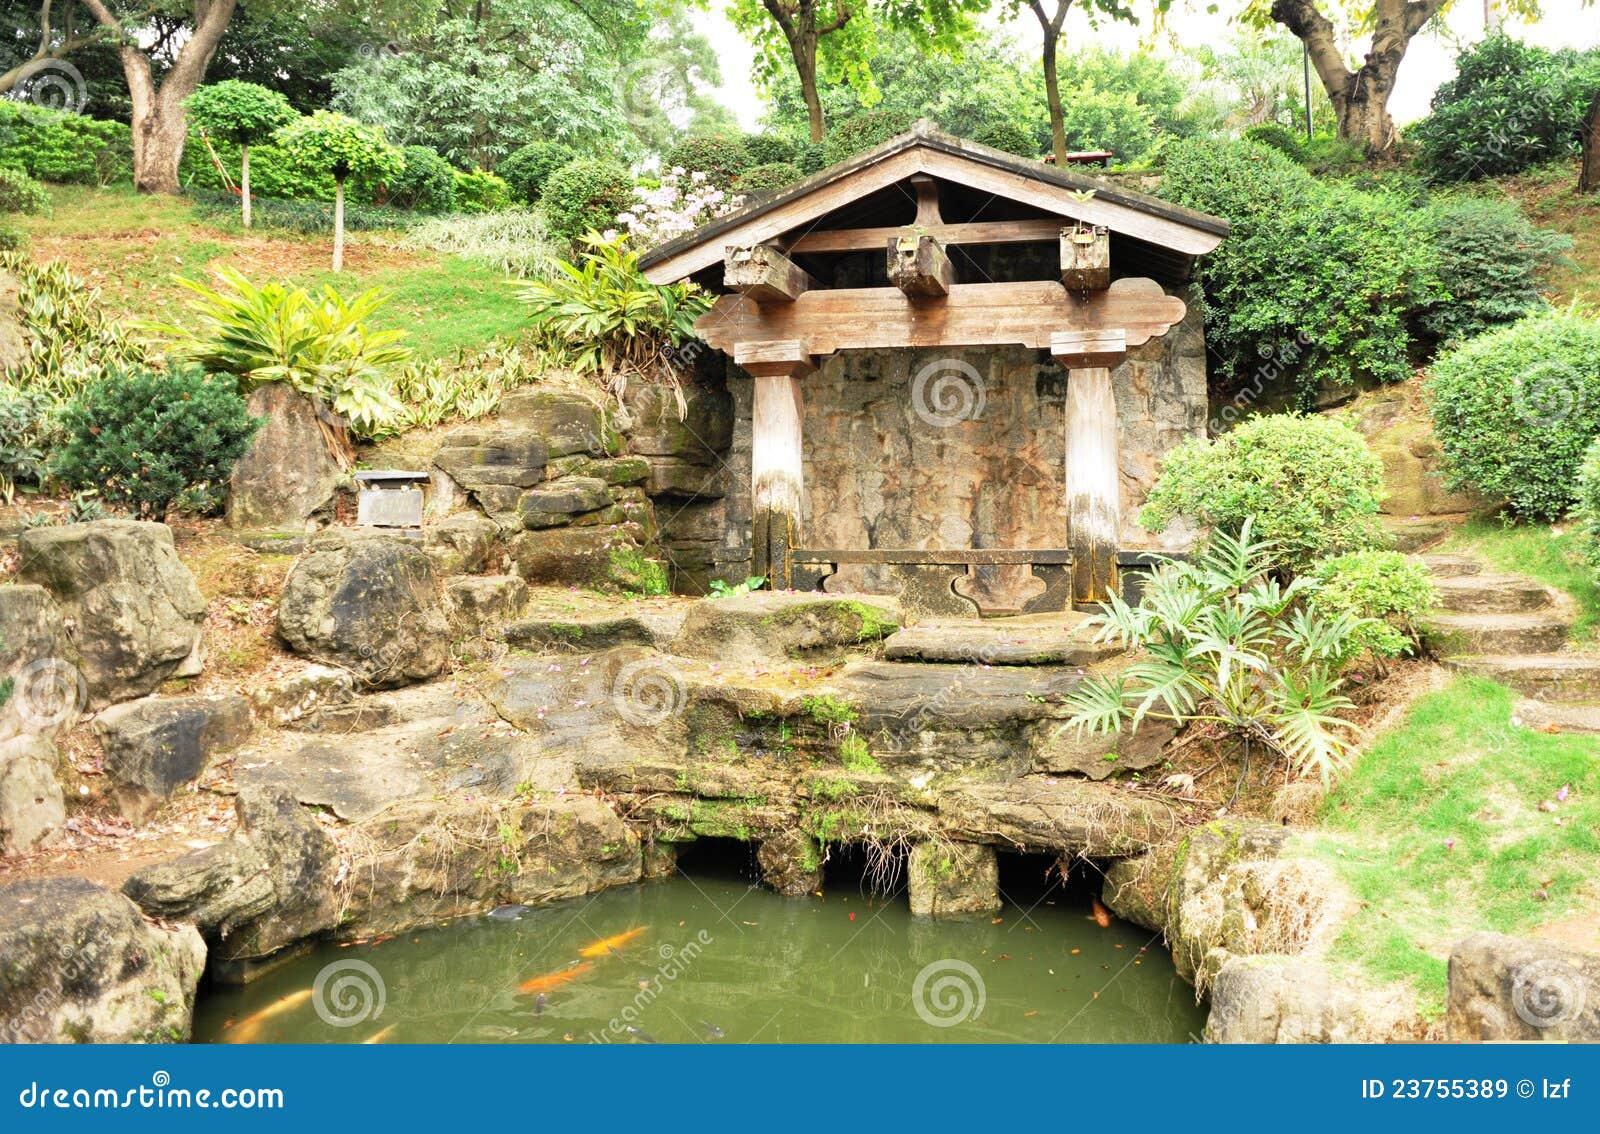 Asiatischer Garten stockbild Bild von garten asiatischer